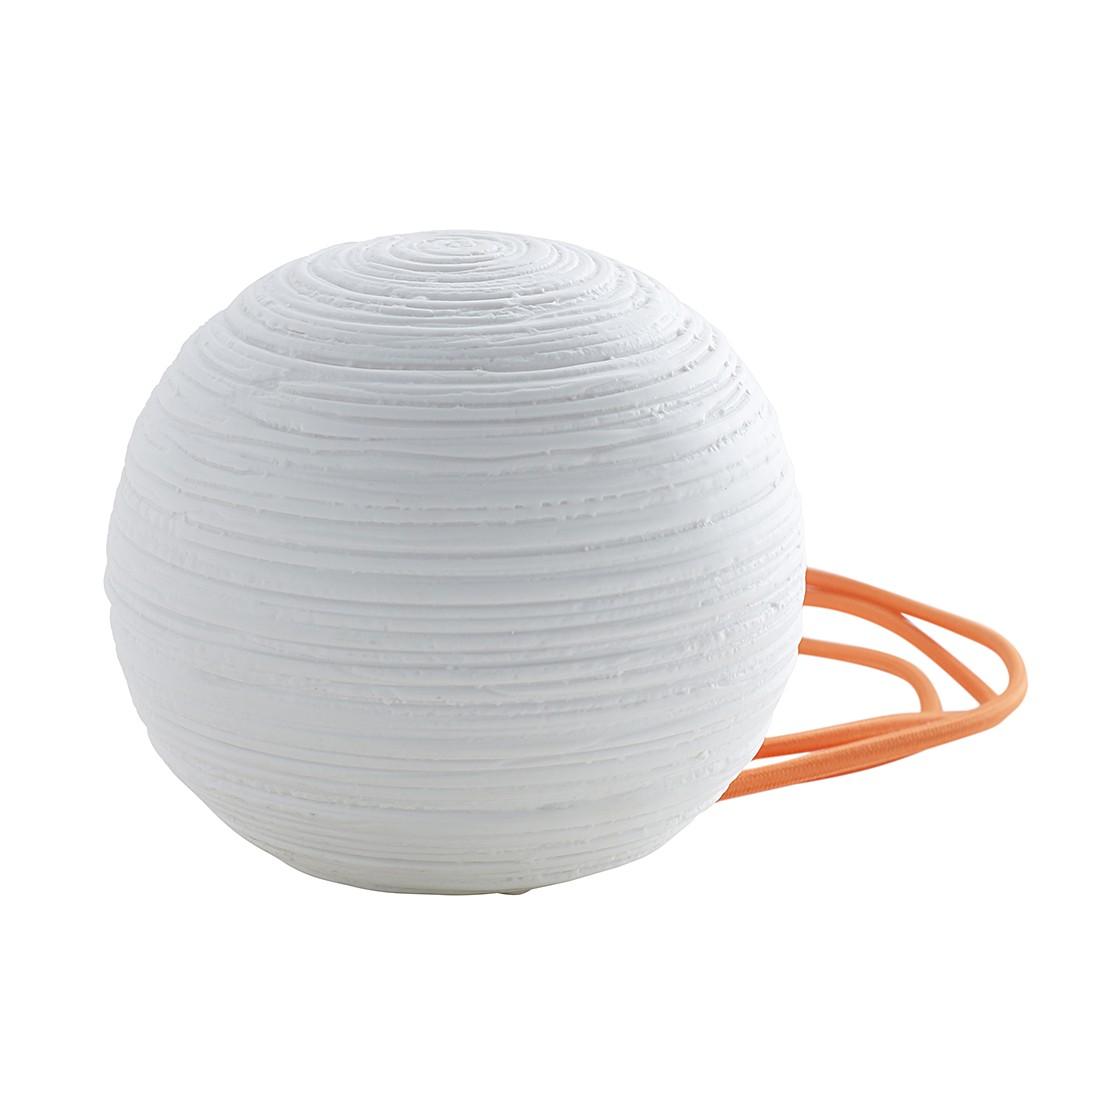 Kugelleuchte Linien - Porzellan - 1-flammig, Serax